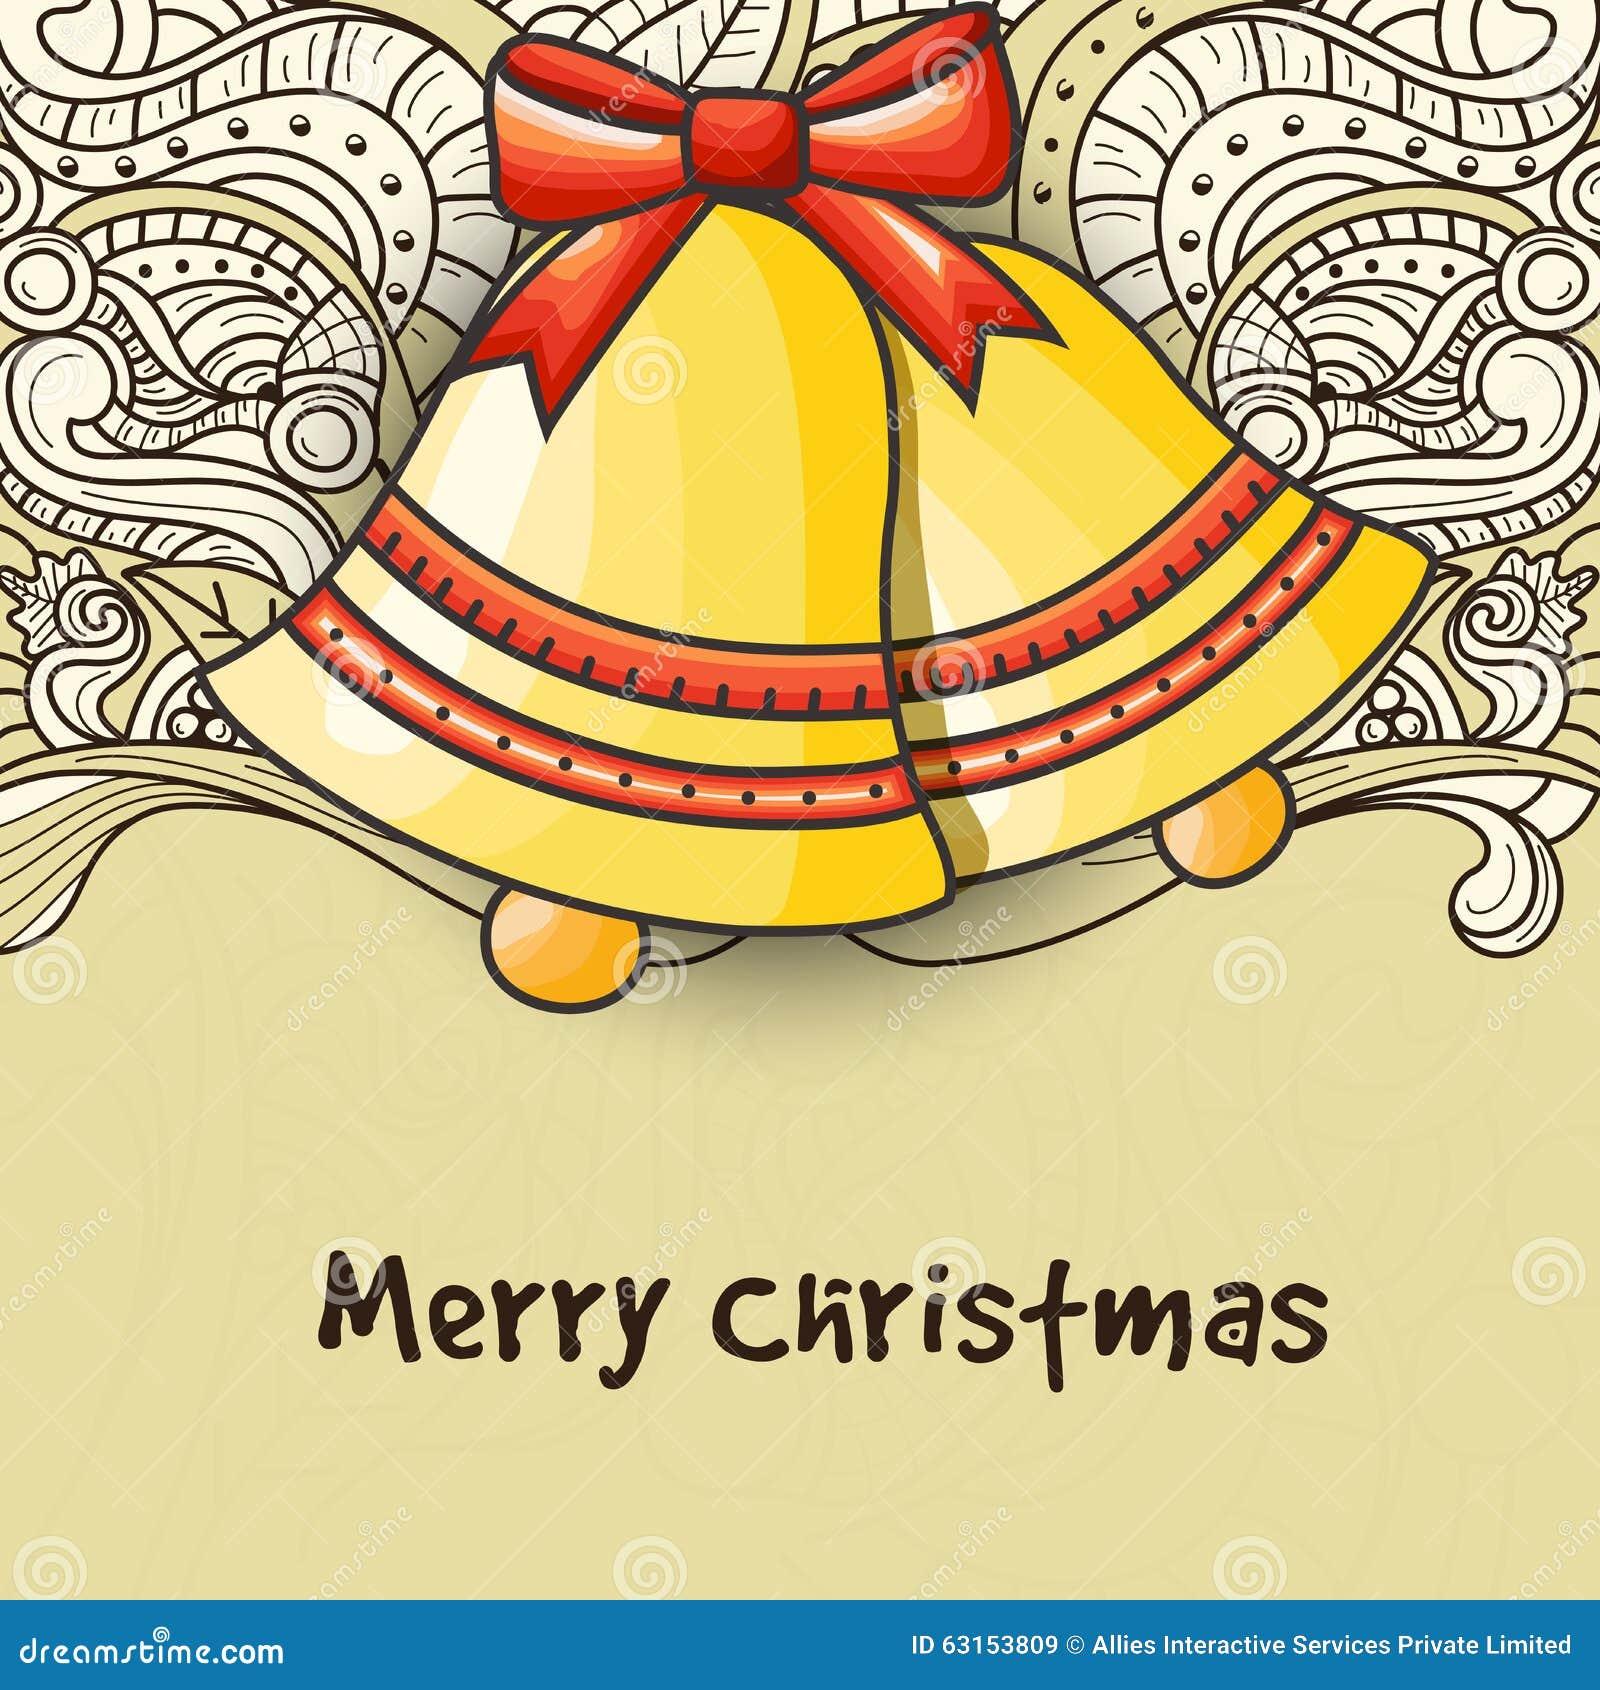 Cartolina Dauguri Con Jingle Bells Per La Celebrazione Di Natale